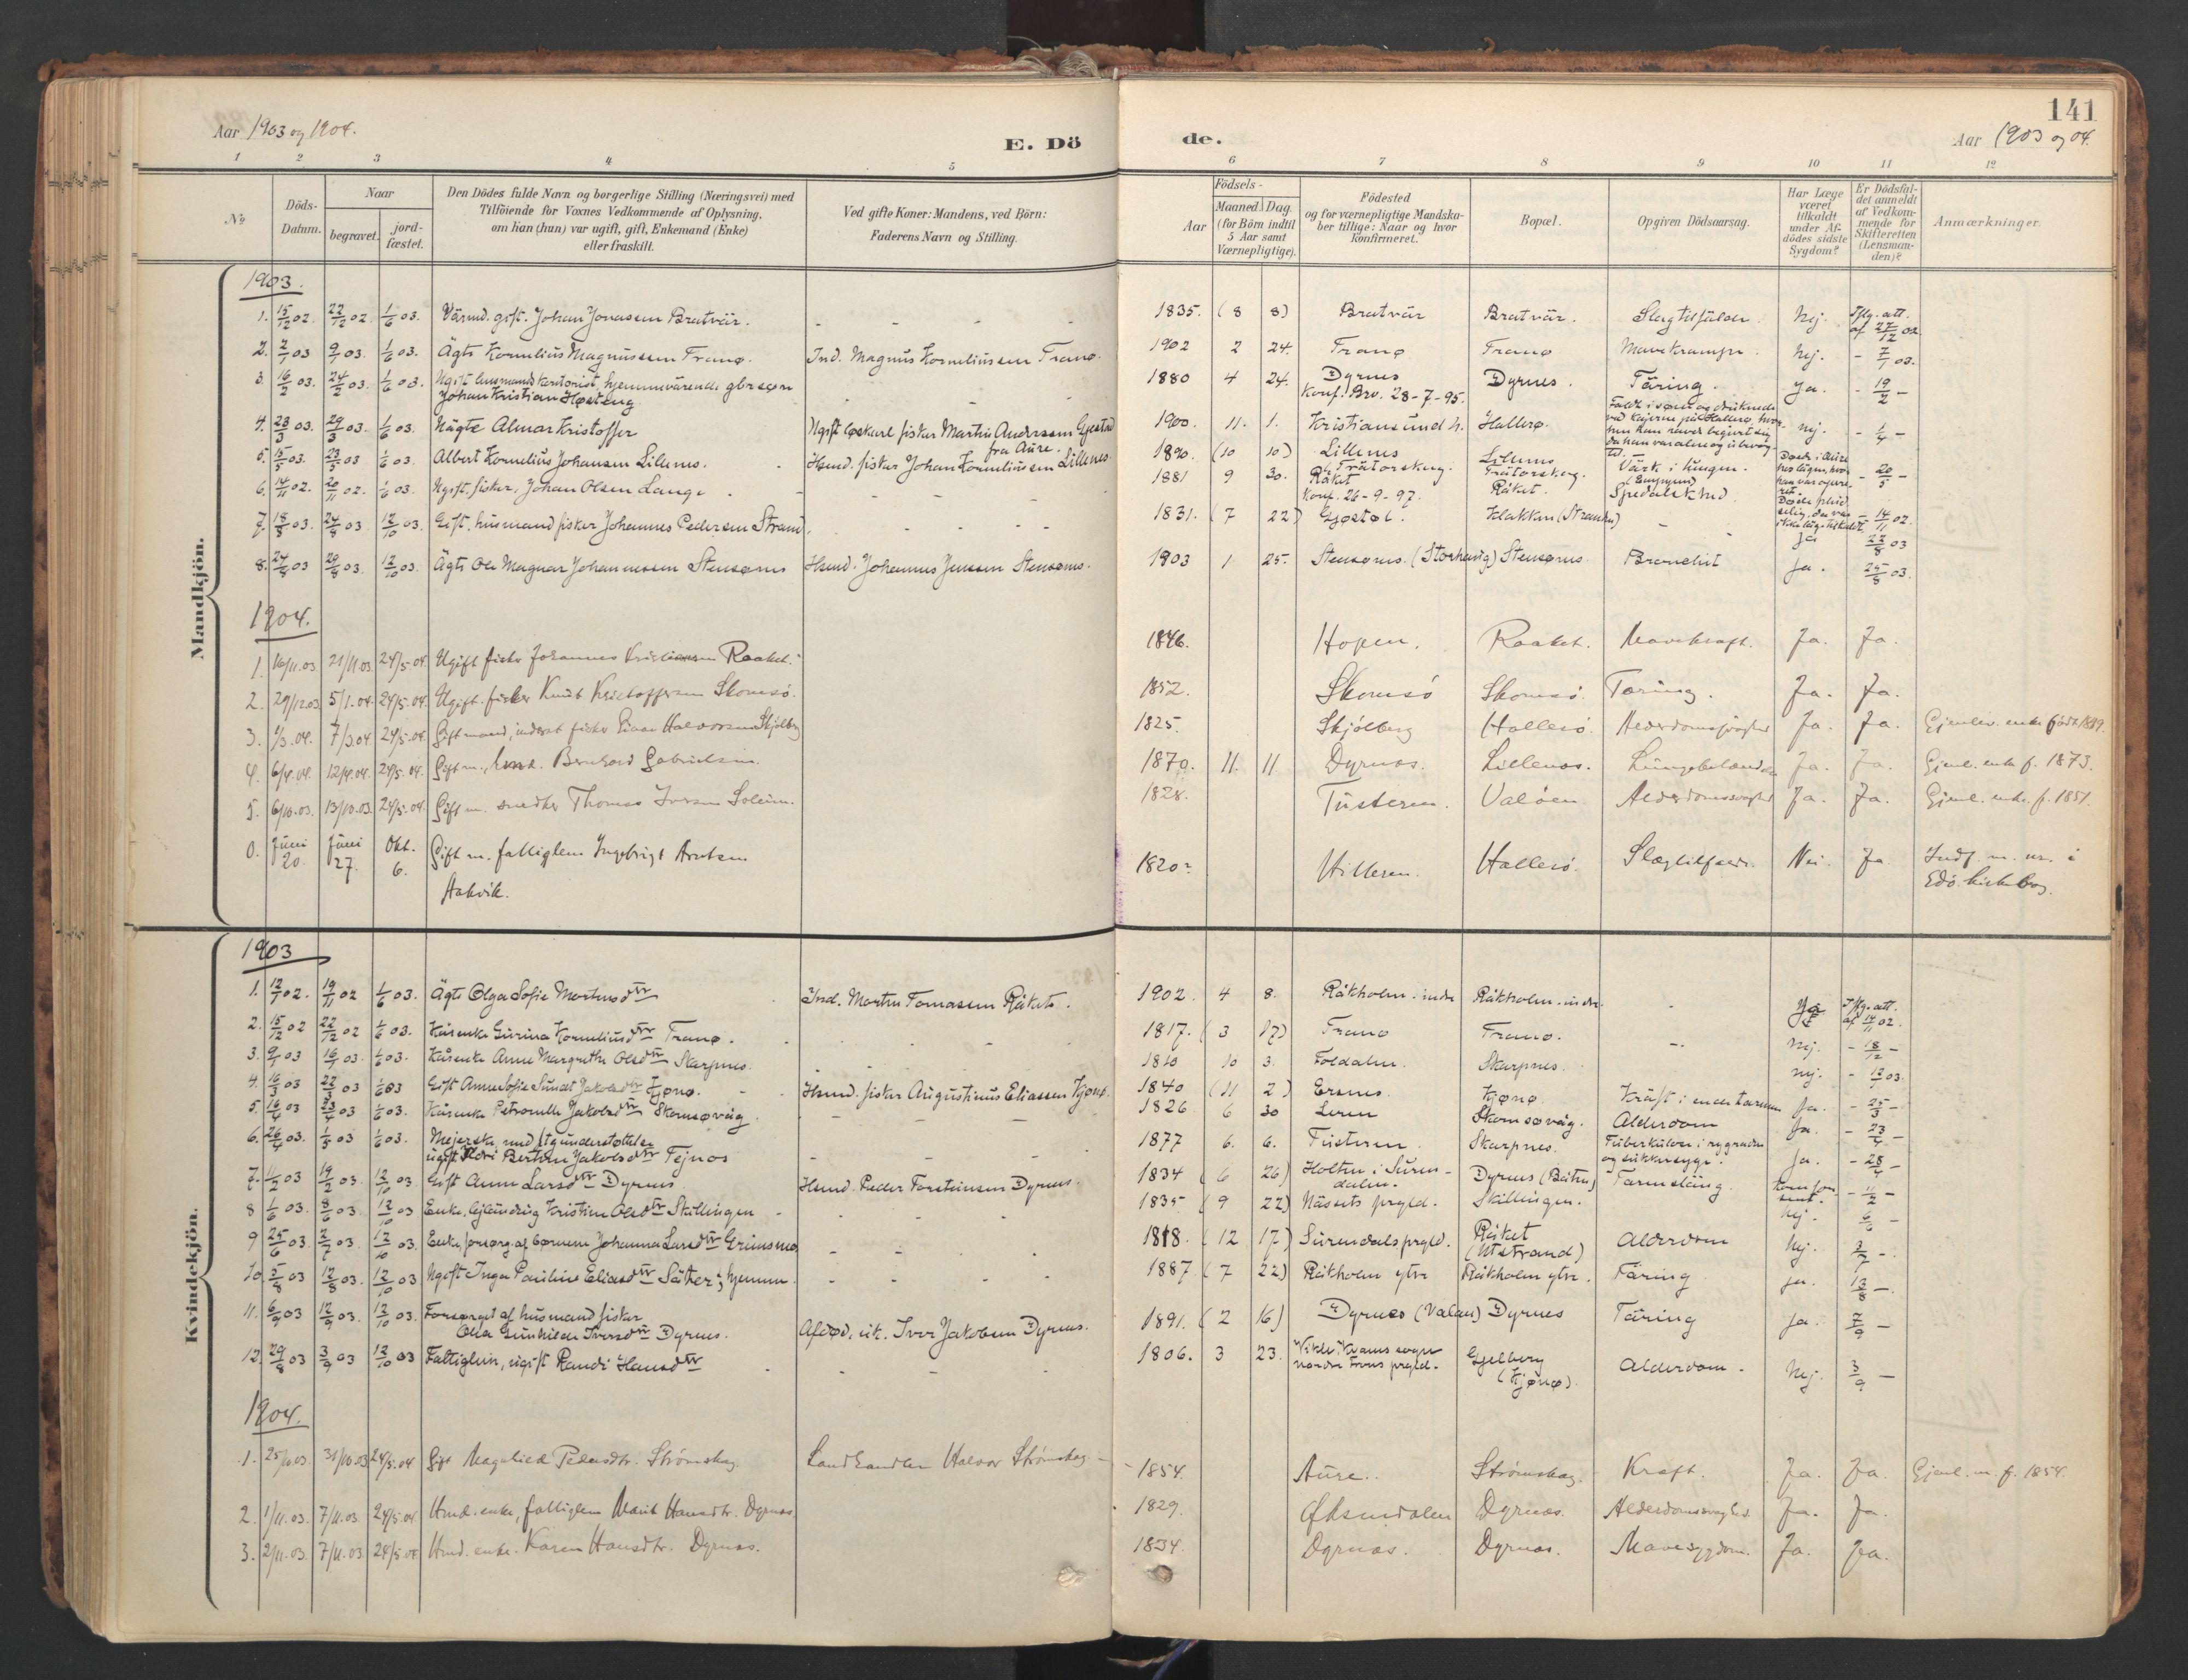 SAT, Ministerialprotokoller, klokkerbøker og fødselsregistre - Møre og Romsdal, 582/L0948: Ministerialbok nr. 582A02, 1901-1922, s. 141